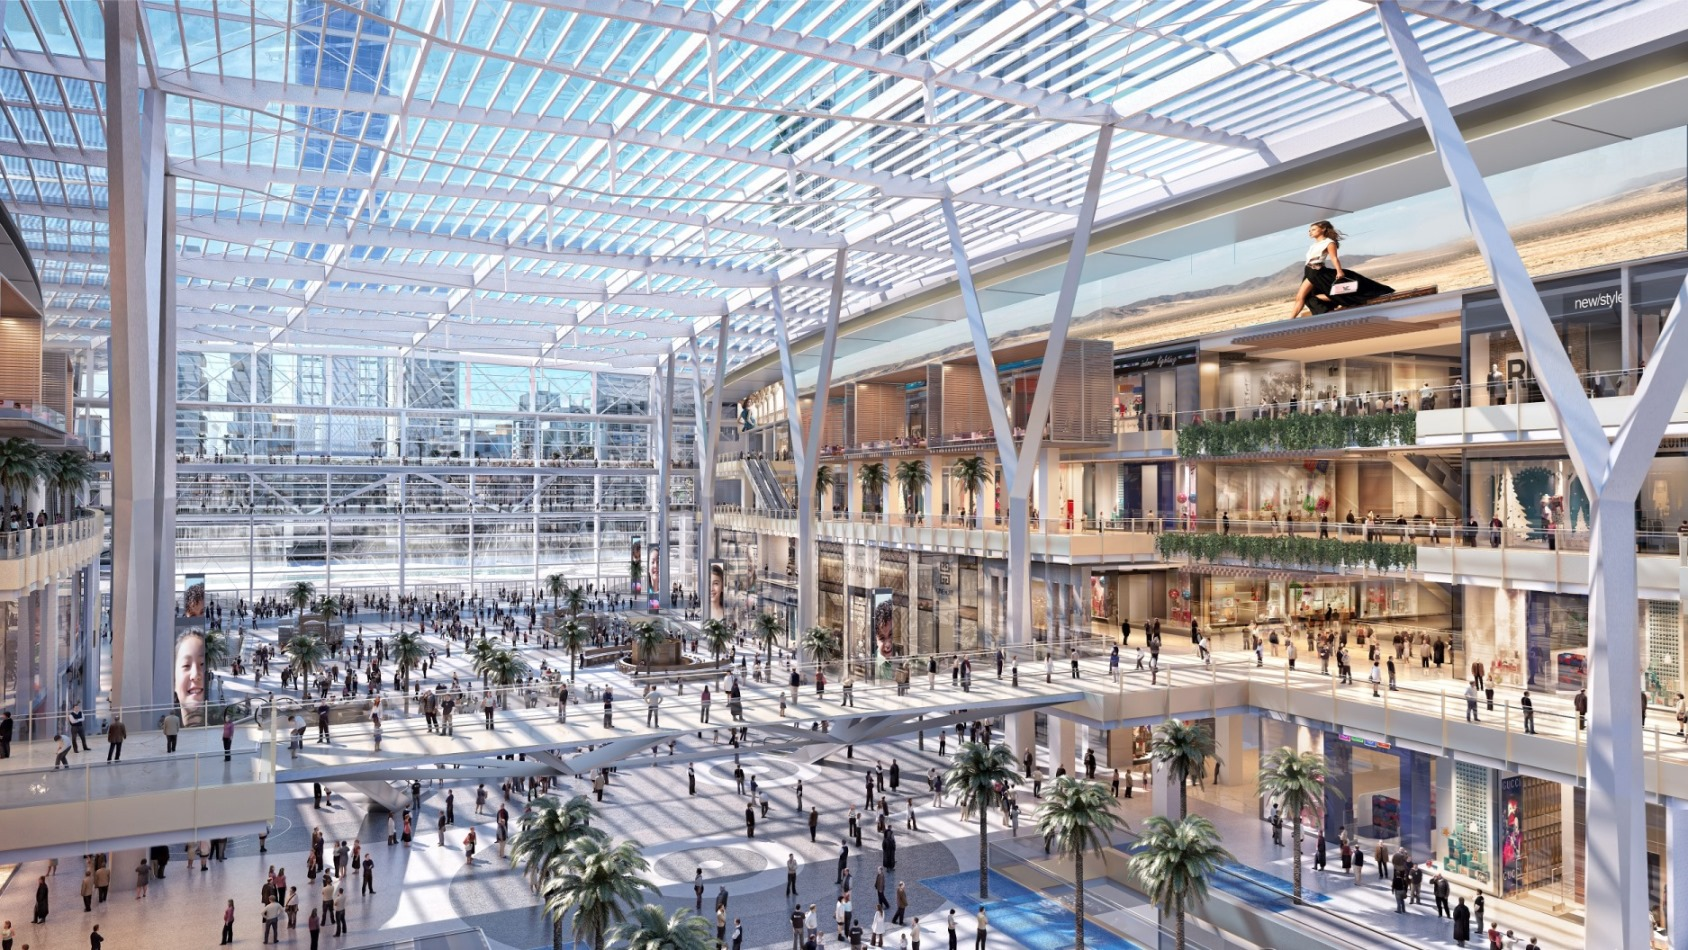 10.3 بليون دولار حجم سوق التجزئة في السلطنة وتوقعات بنموه 9.3% بحلول 2023